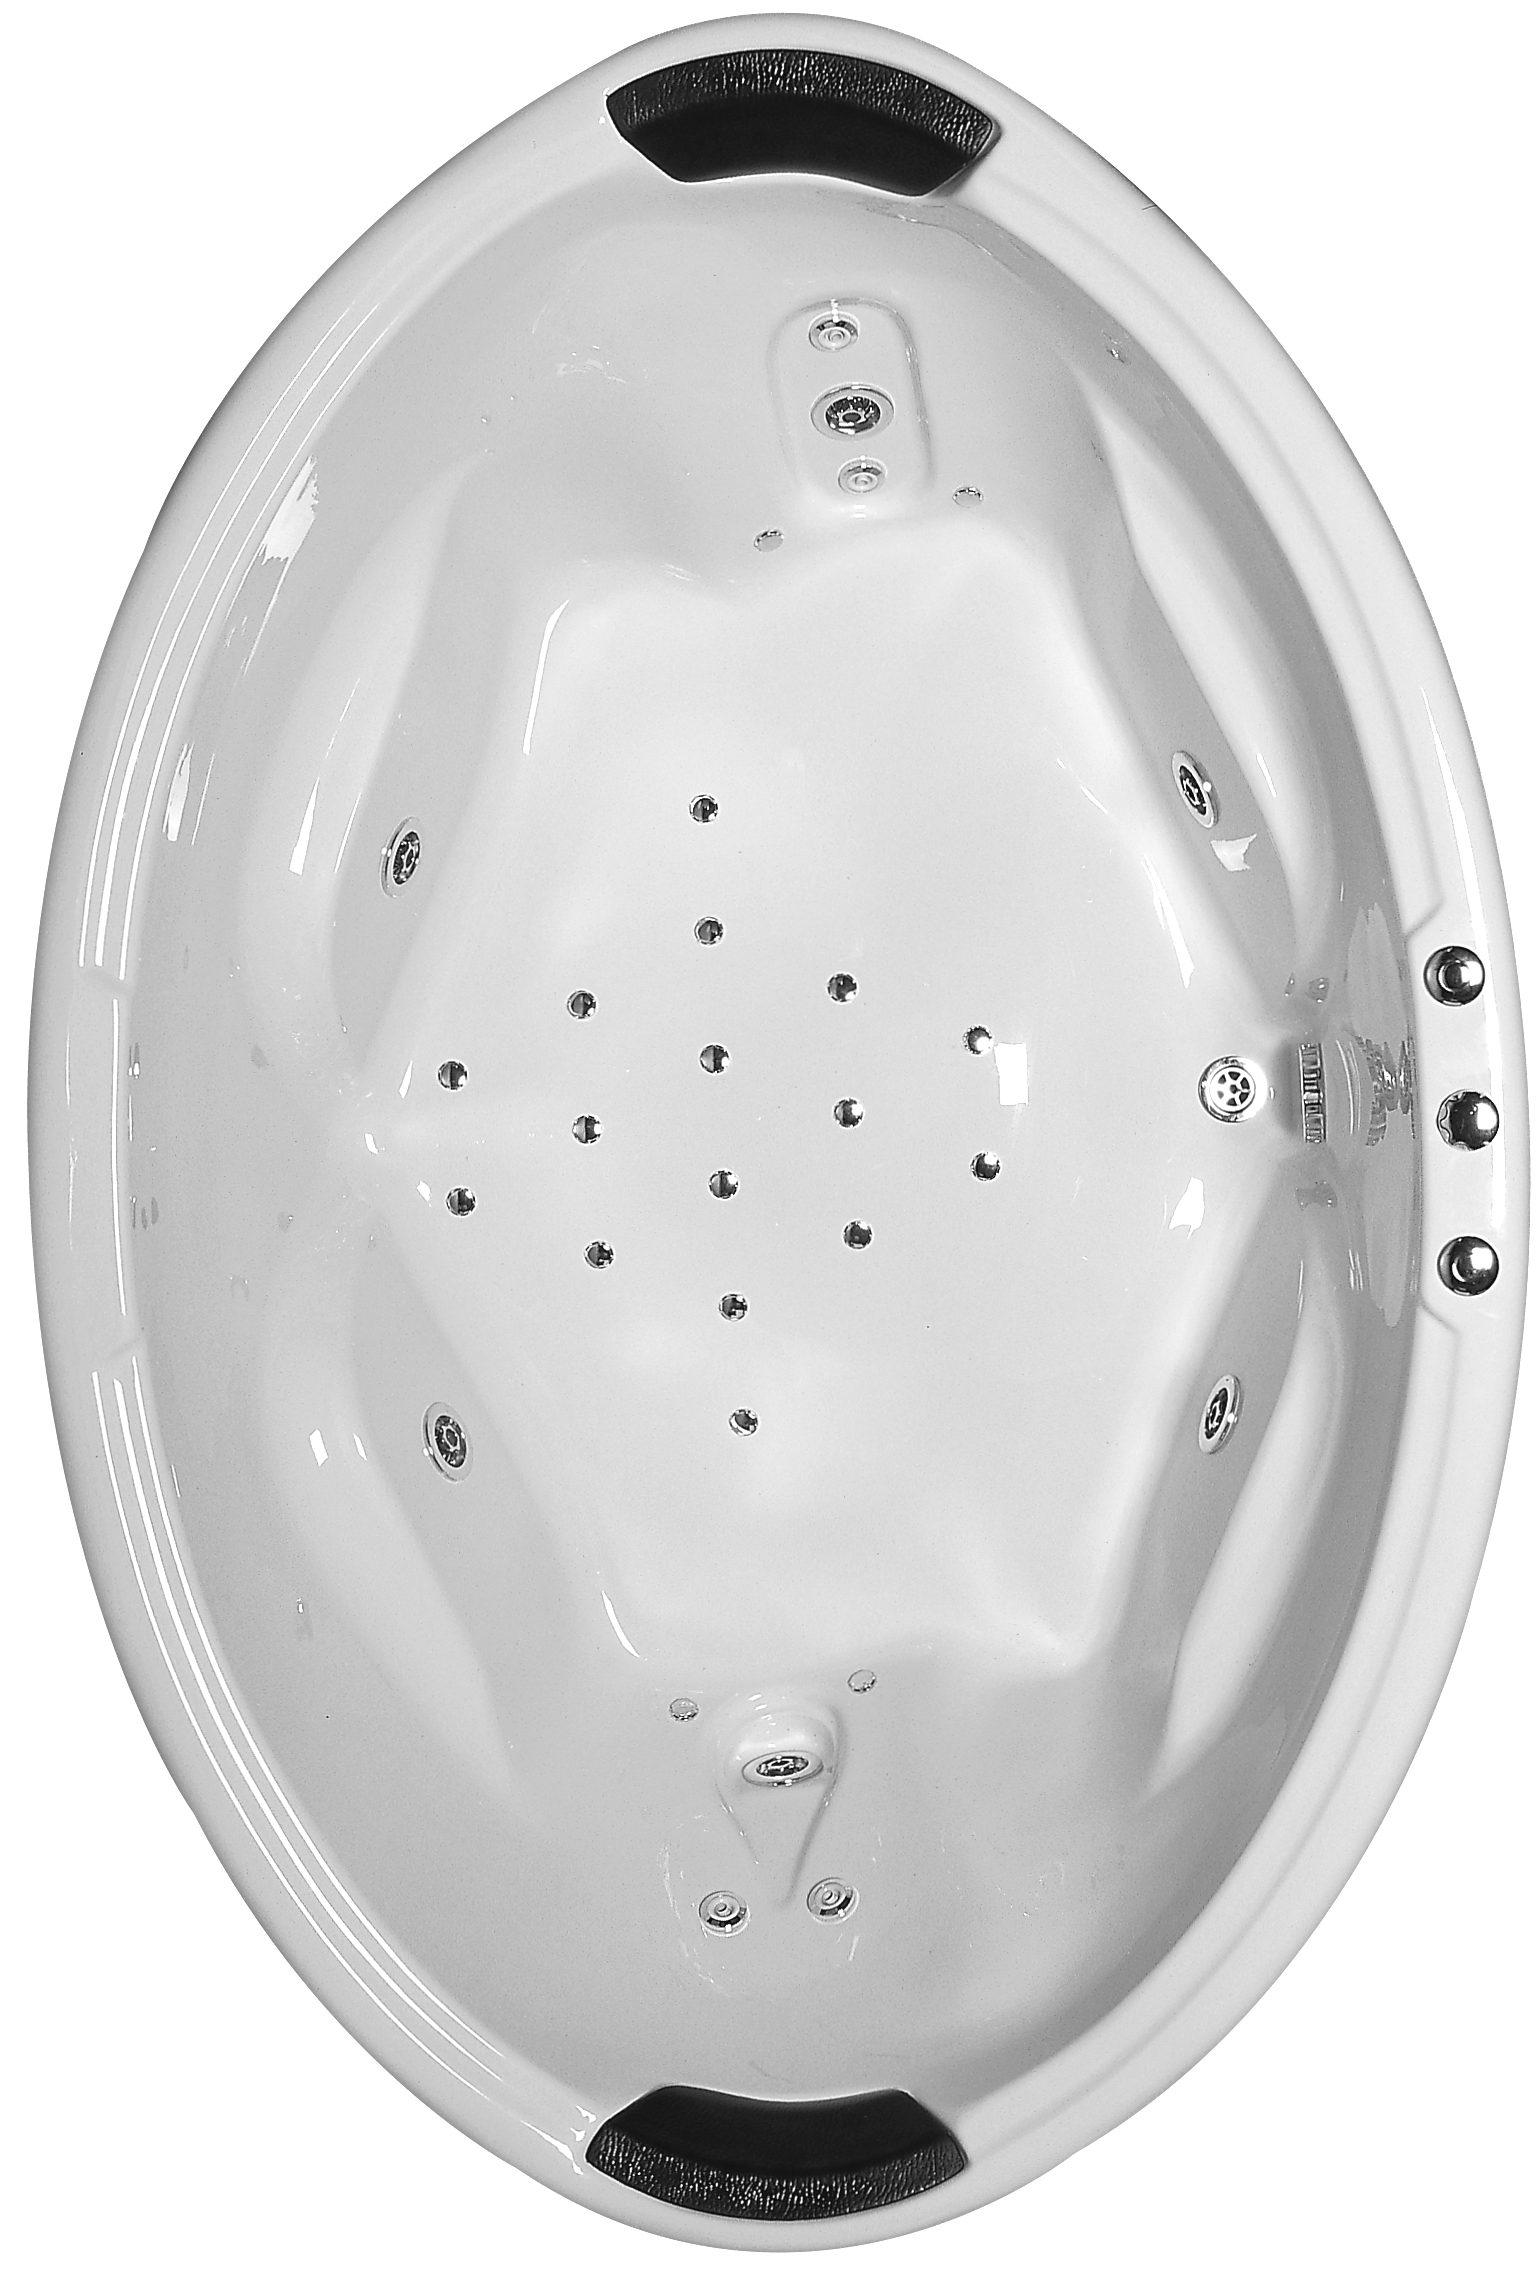 Onyx Bathroom Spas